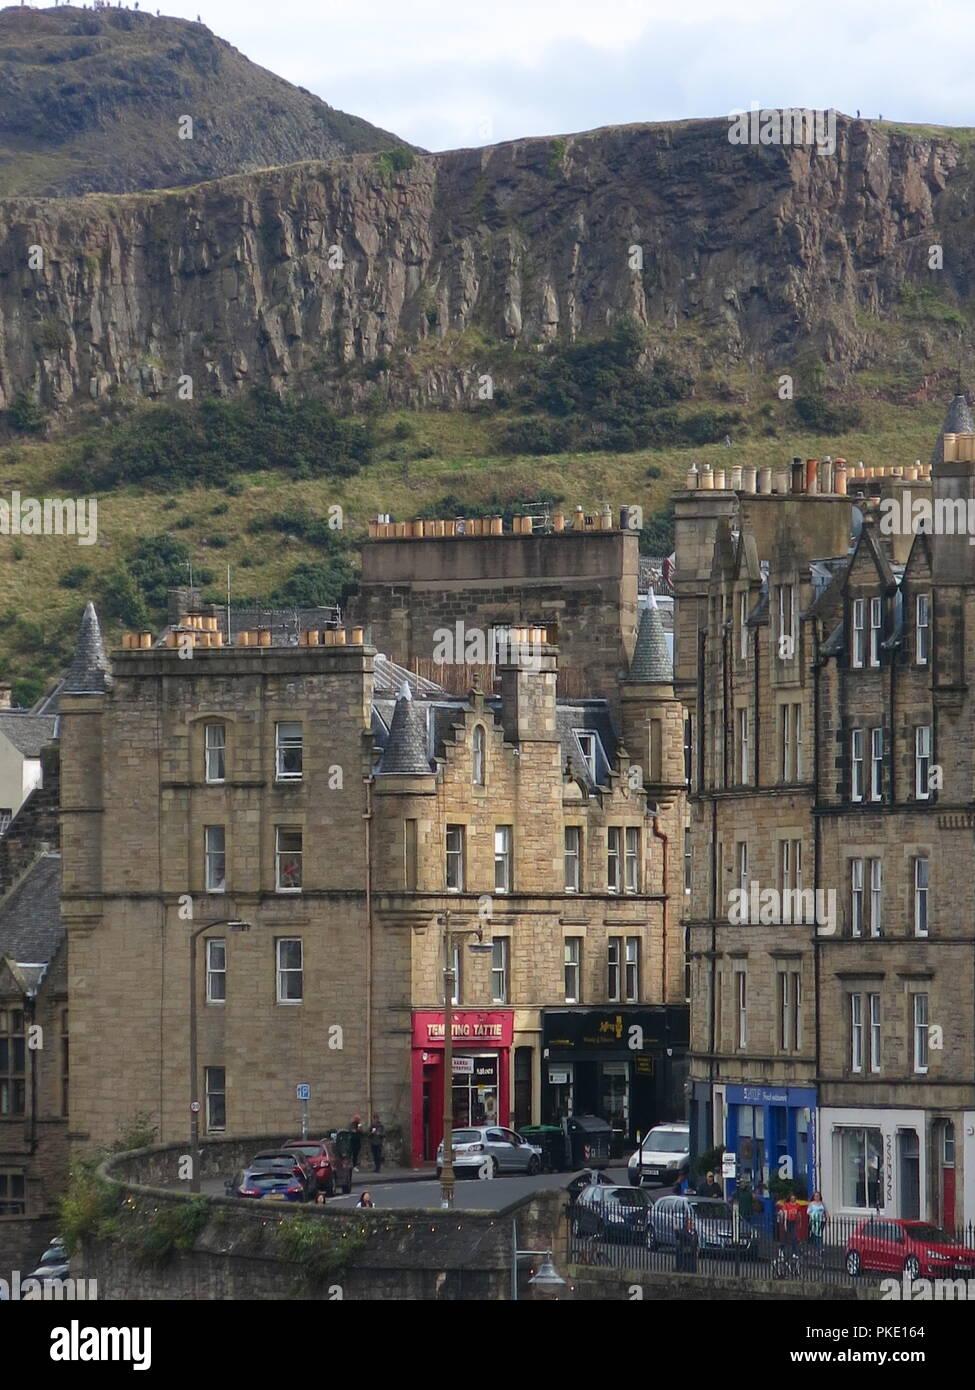 """Una strada di Edimburgo vista scena guardando giù Jeffrey Street verso Salisbury Crags; grand edifici in pietra e il rosso fiammante """"tentati Tattie' Immagini Stock"""